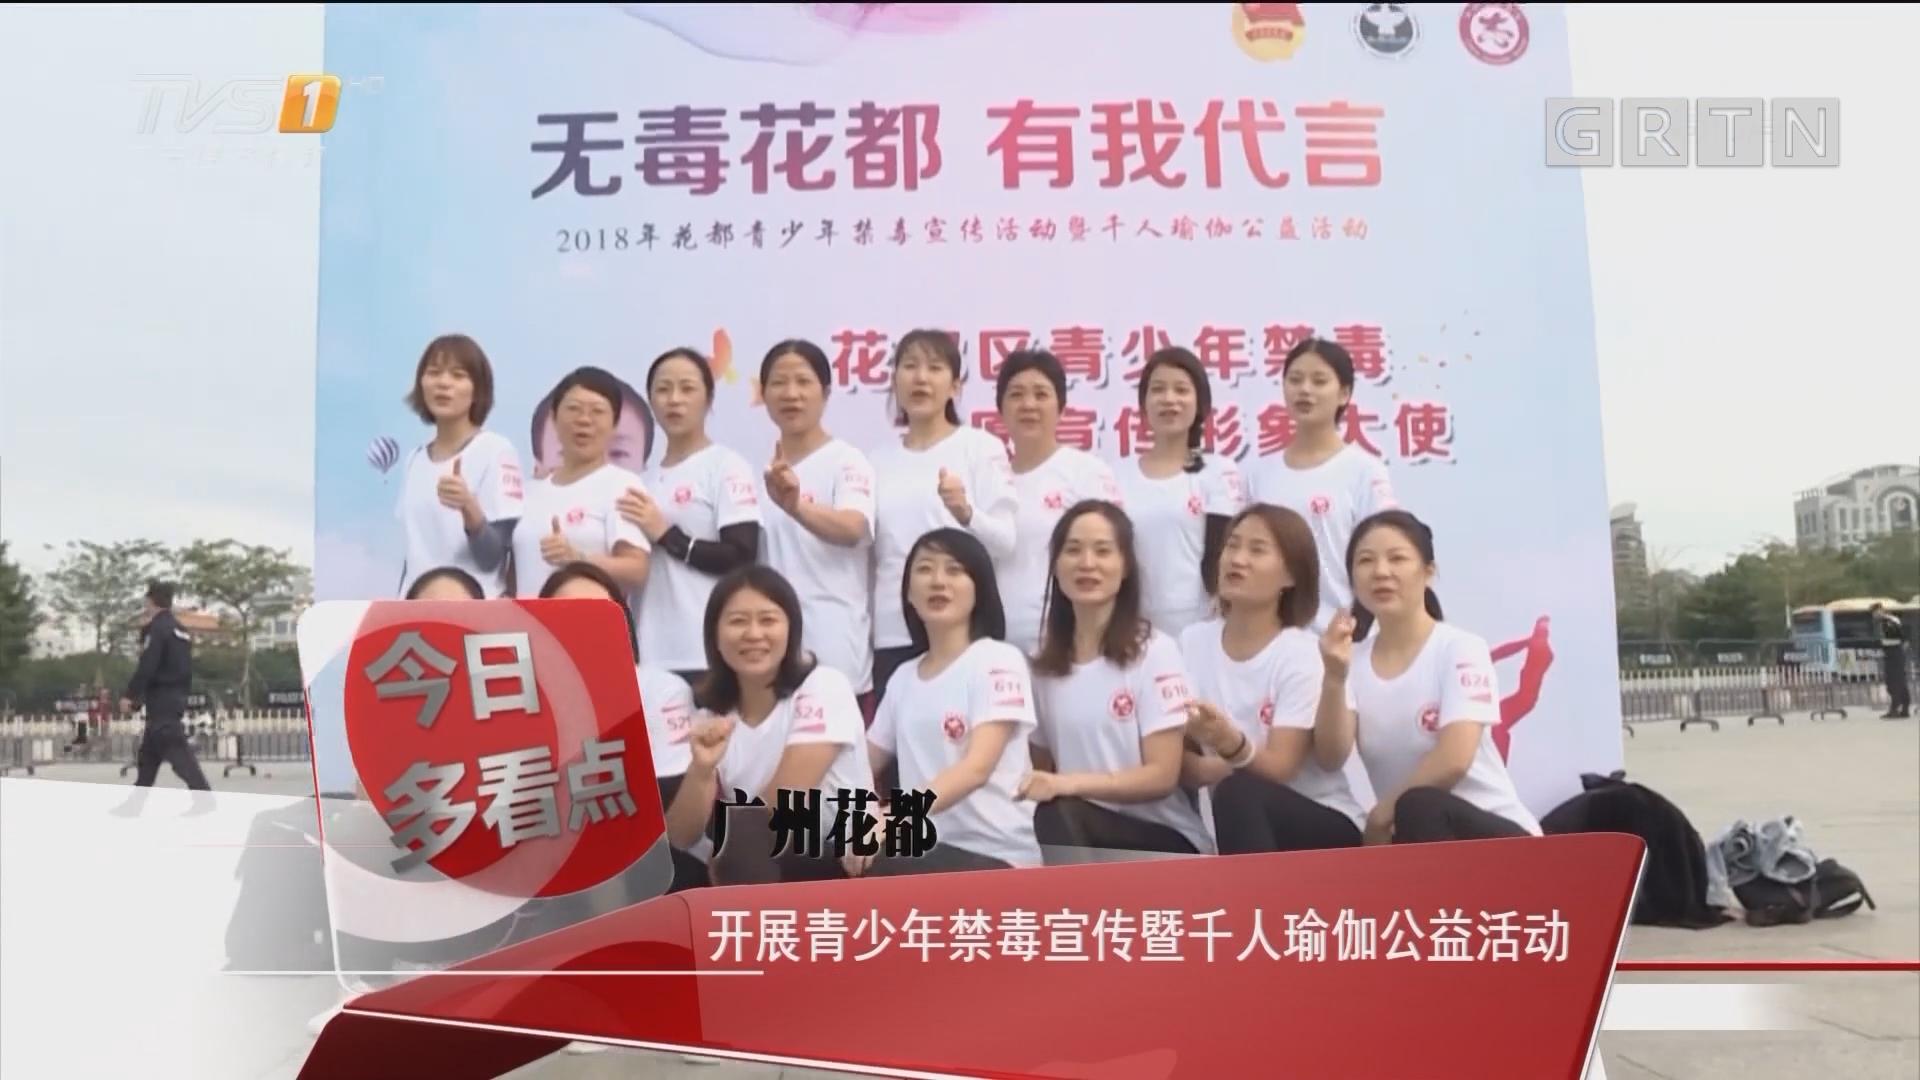 广州花都:开展青少年禁毒宣传暨千人瑜伽公益活动